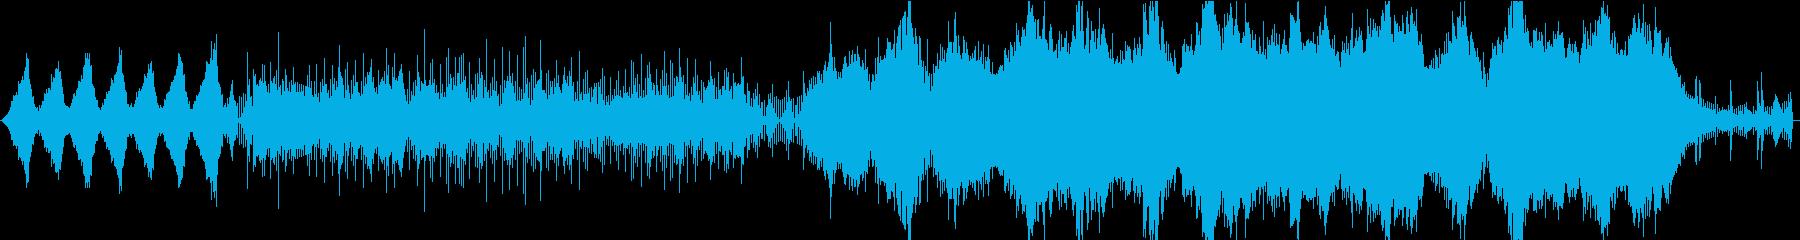 サイコ、スリラー、サスペンス向けBGMの再生済みの波形